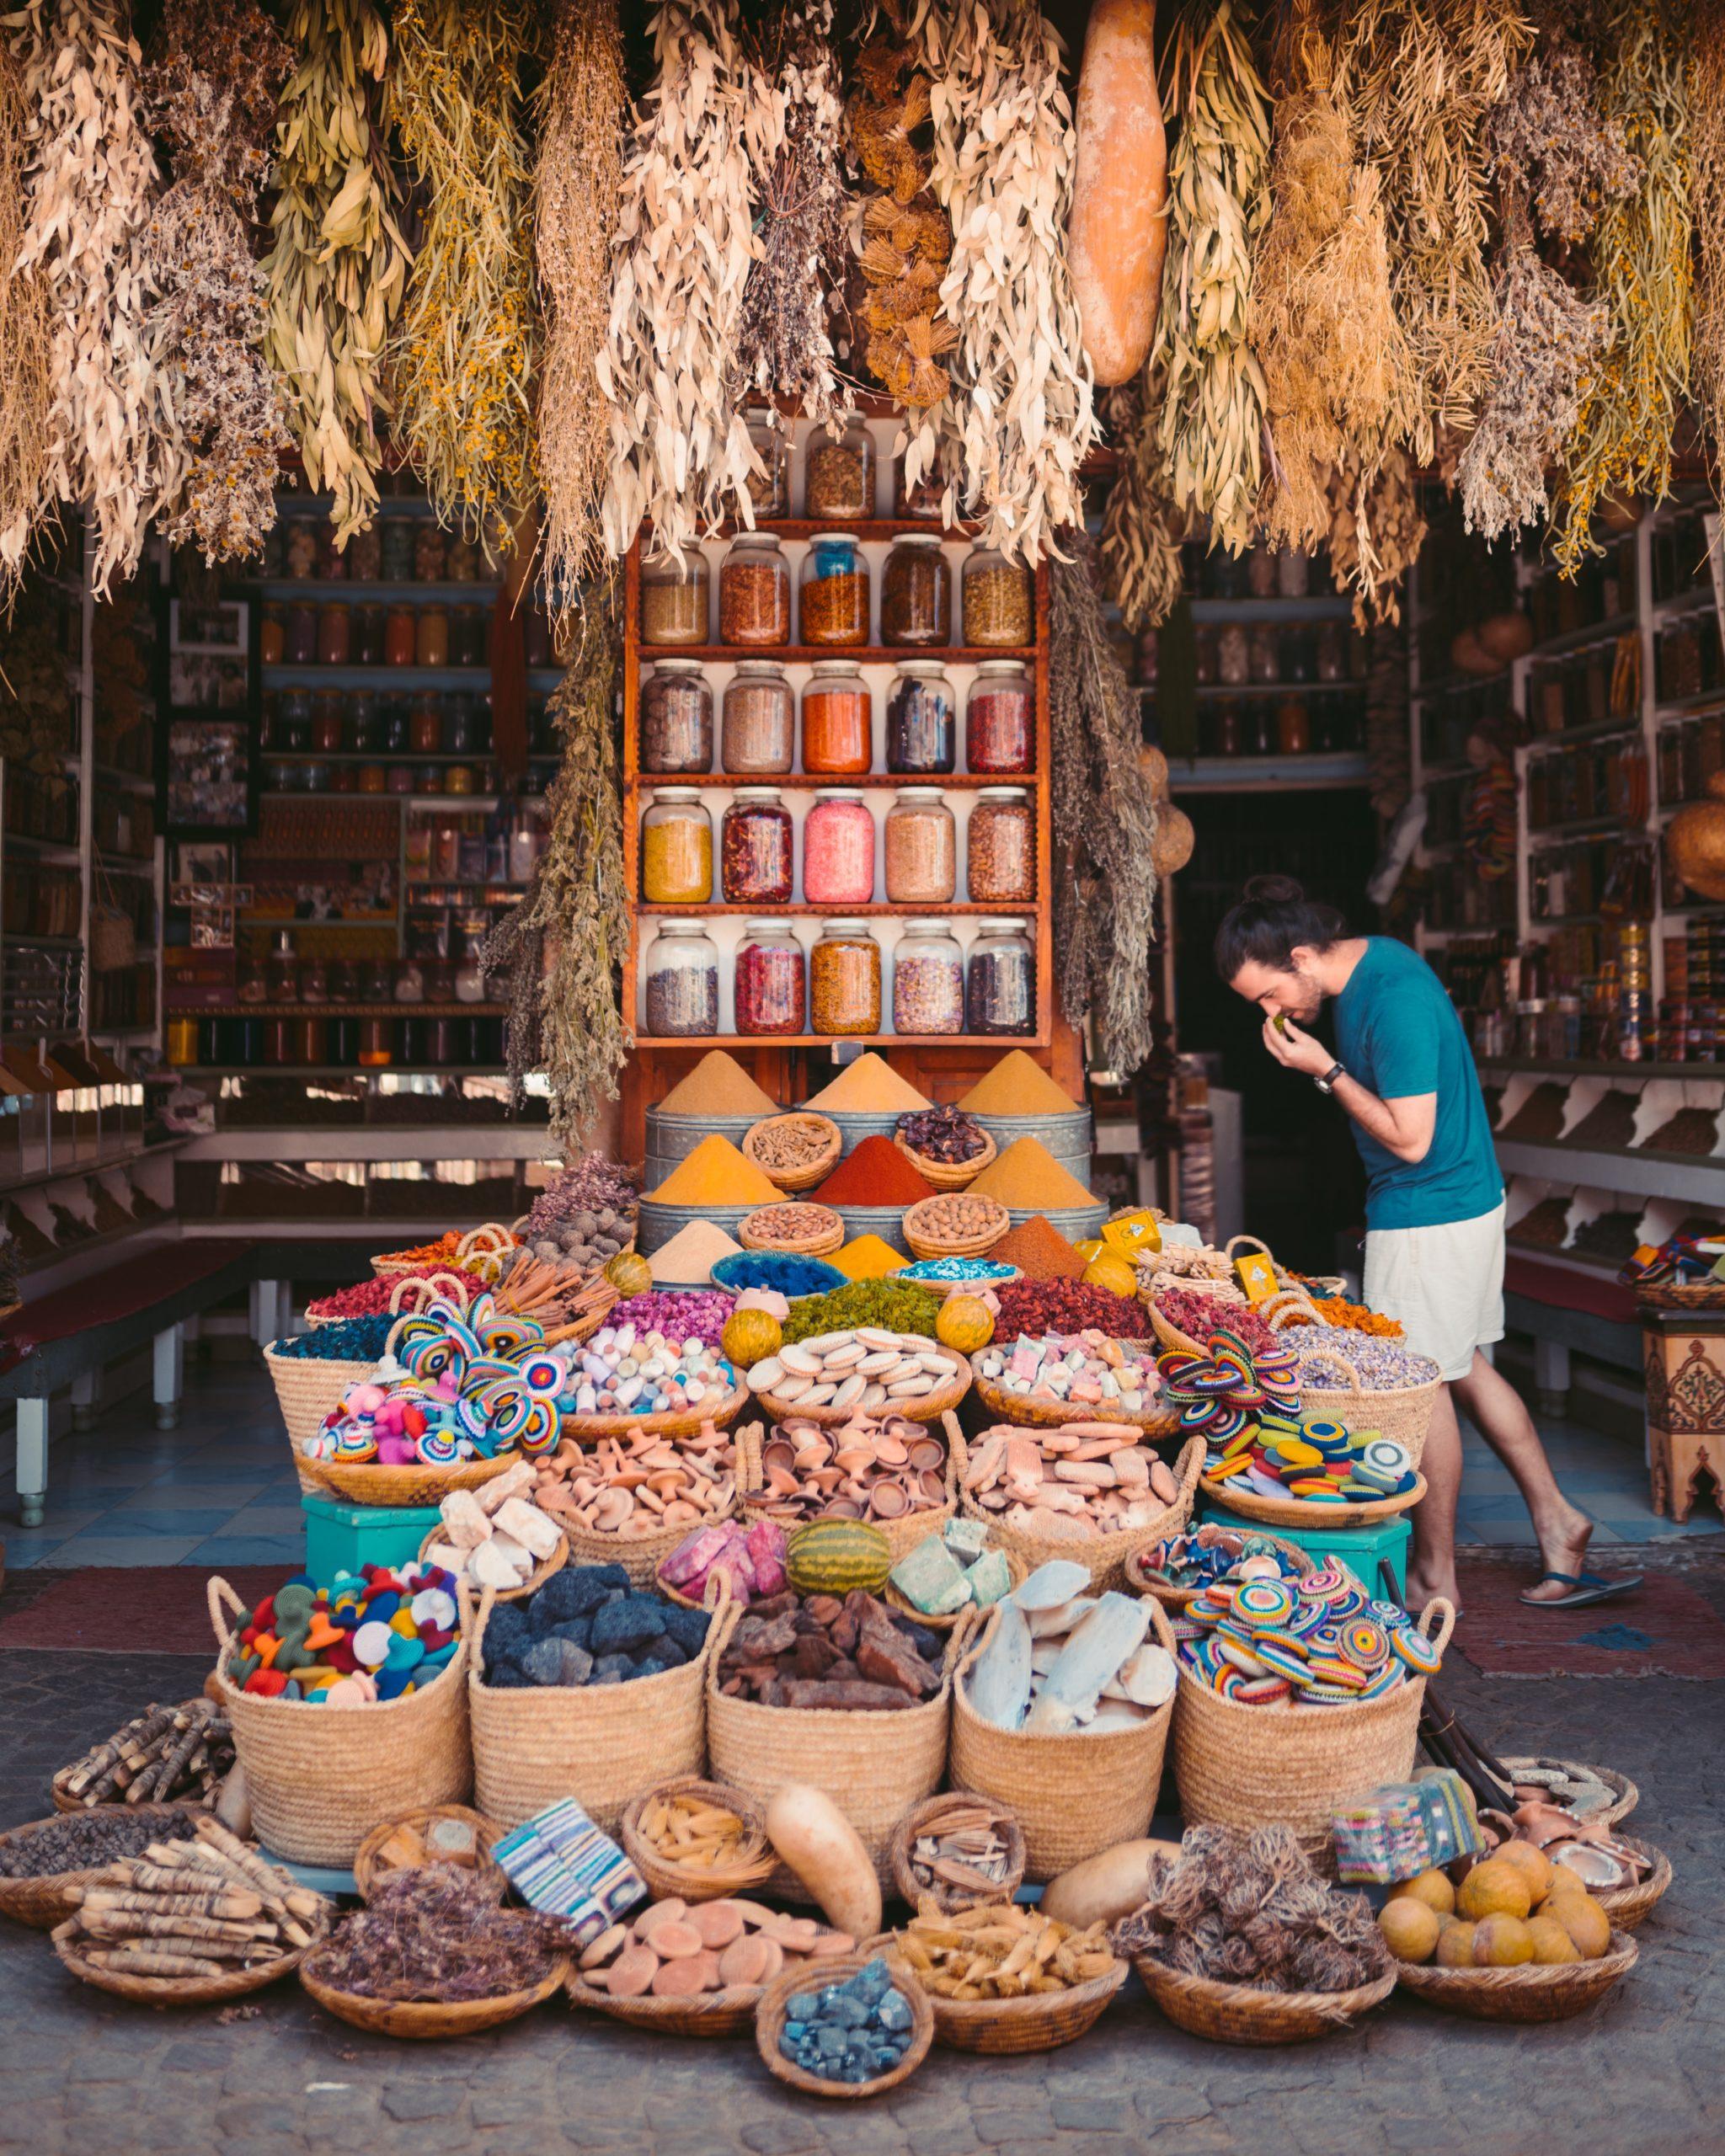 Mercado com comidas típicas do Egito